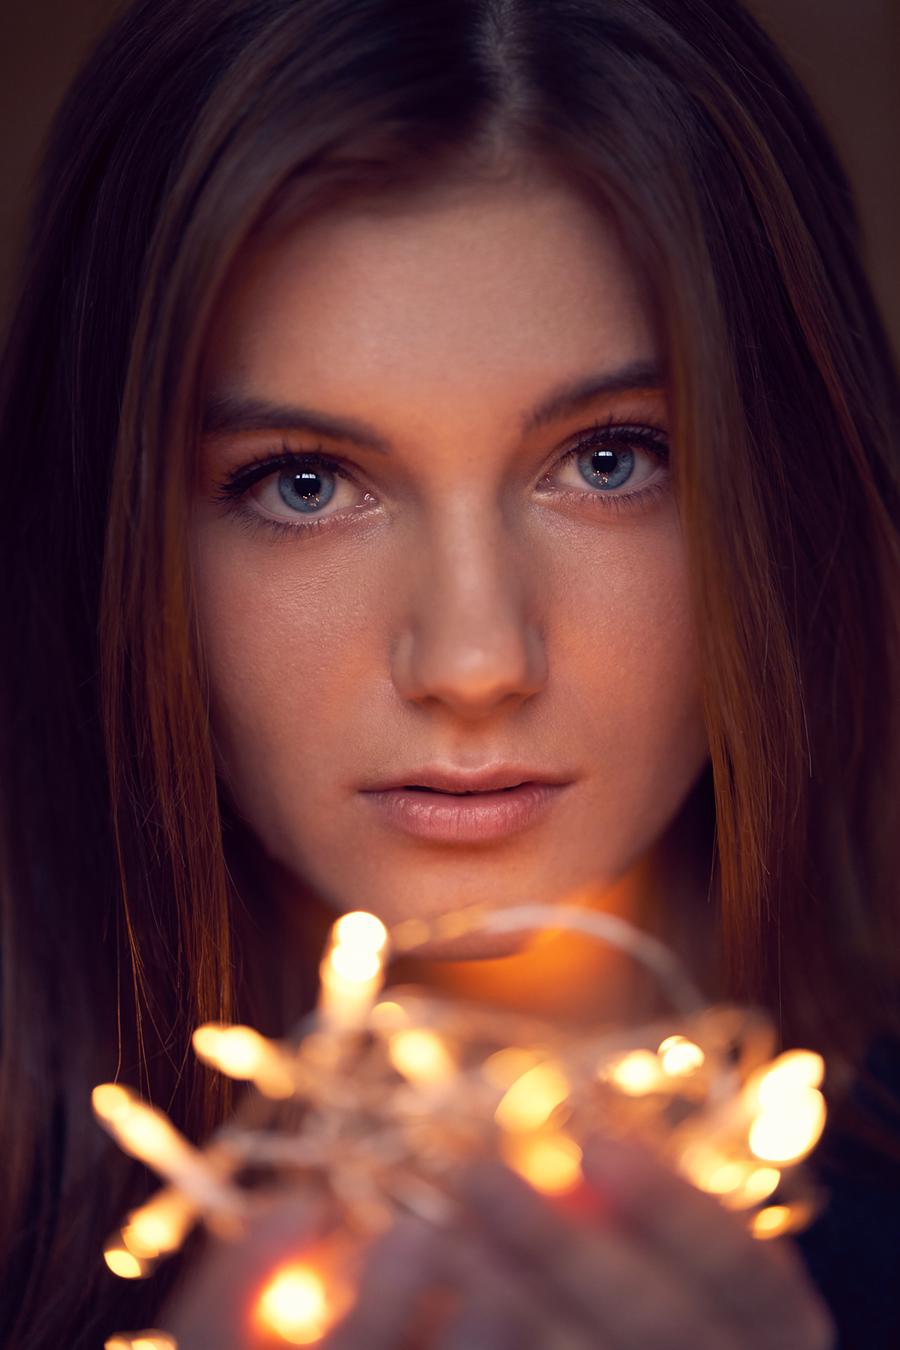 Model Sofie Hansen / Uploaded 30th December 2017 @ 05:08 PM